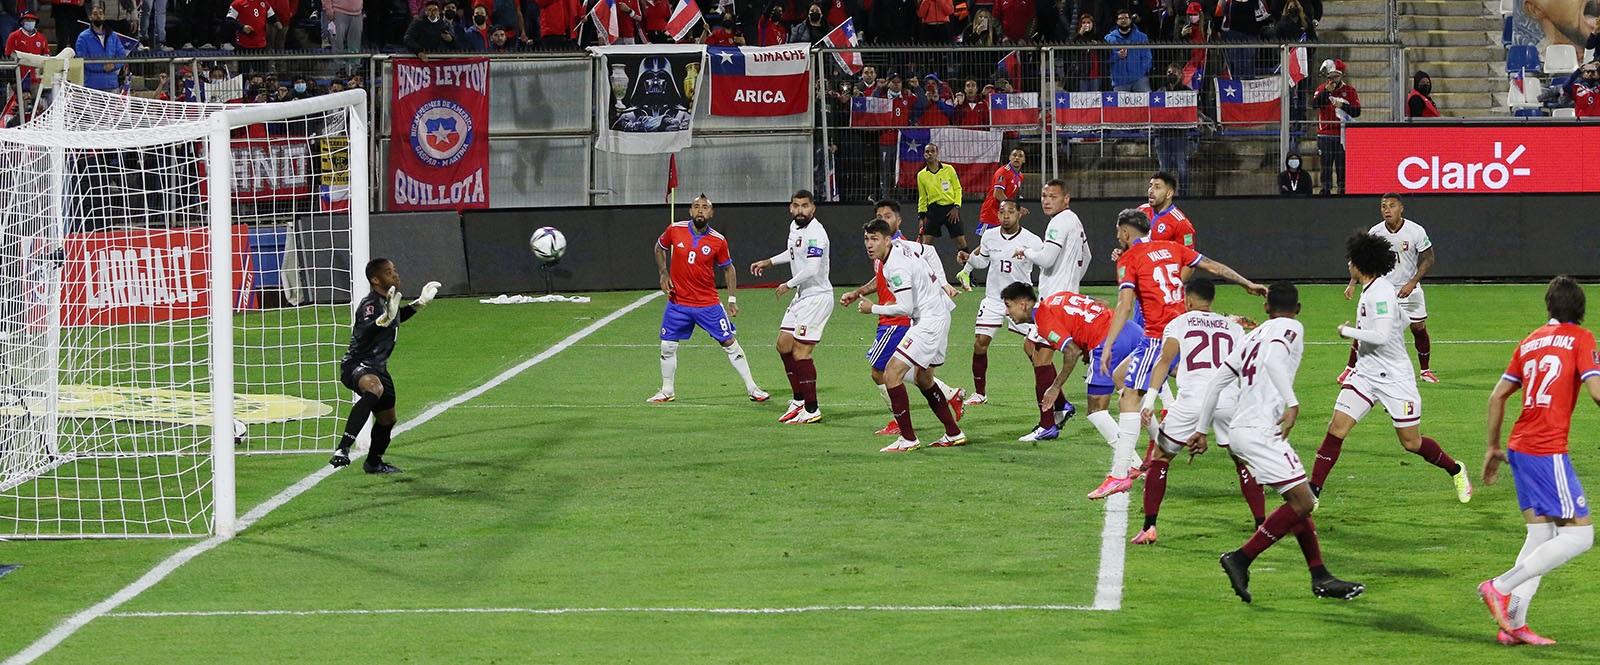 La Roja goleó a Venezuela y se mete en la pelea por un cupo al Mundial